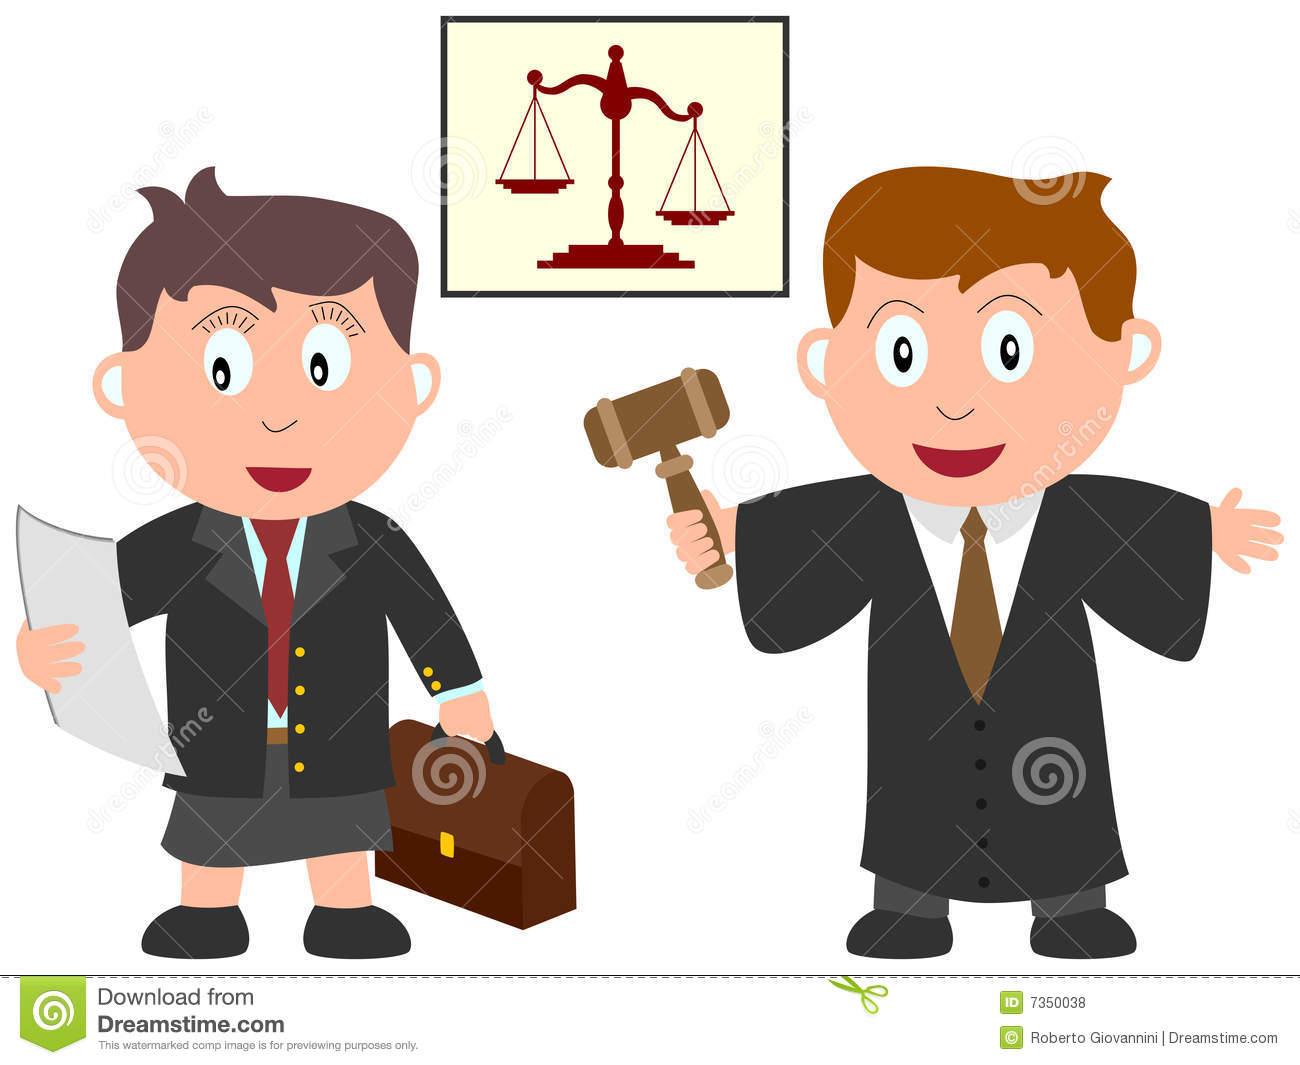 Hướng dẫn viết chuyên đề tốt nghiệp ngành Luật